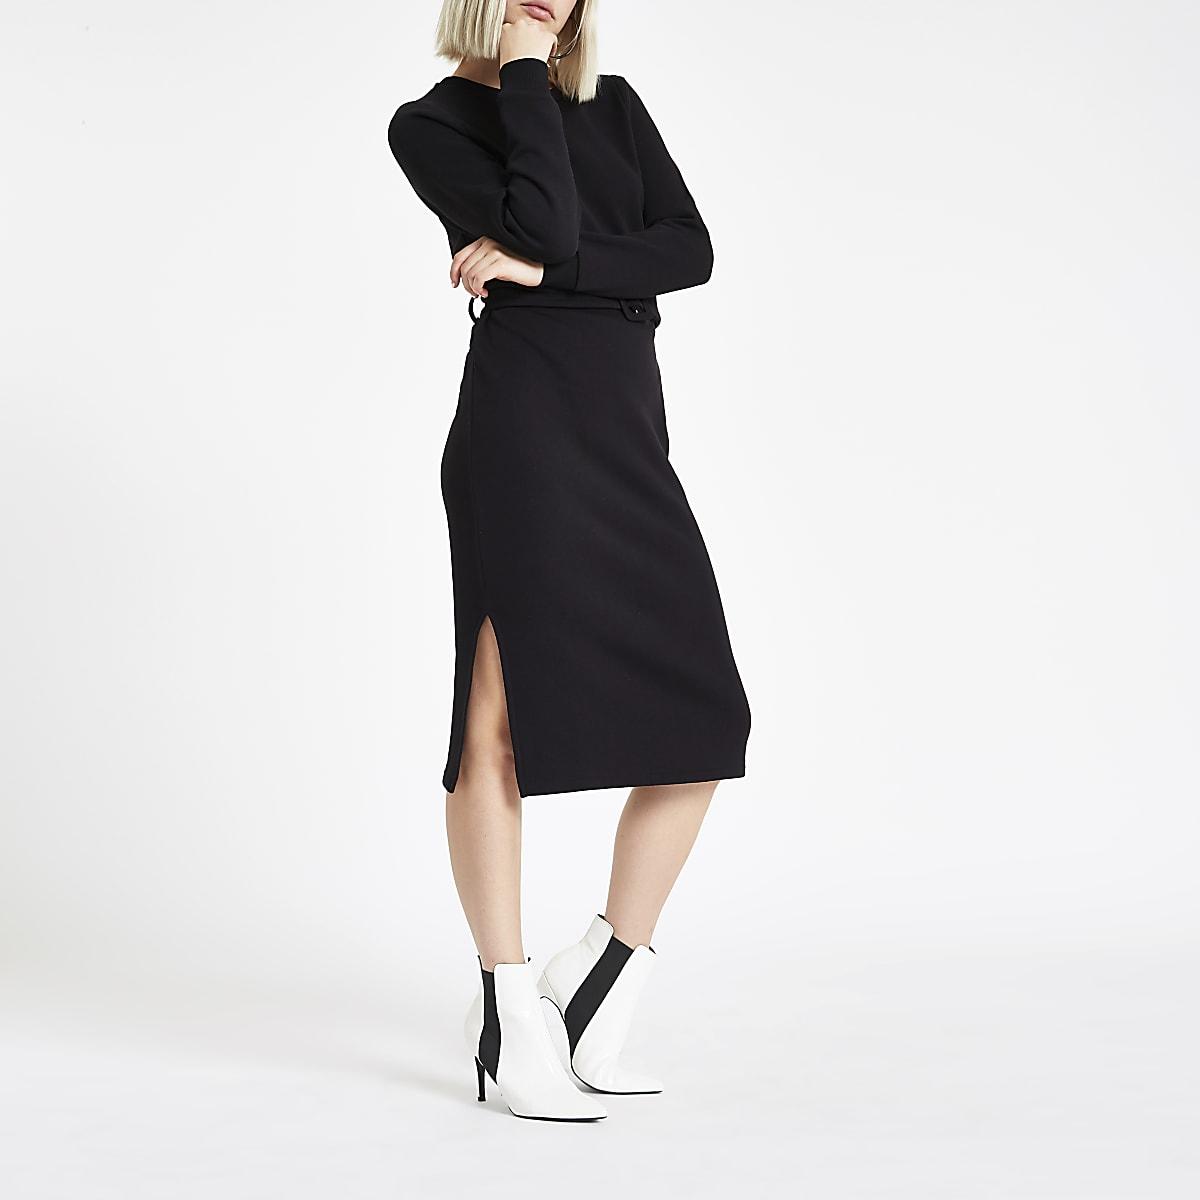 Zwarte trui-jurk met ceintuur